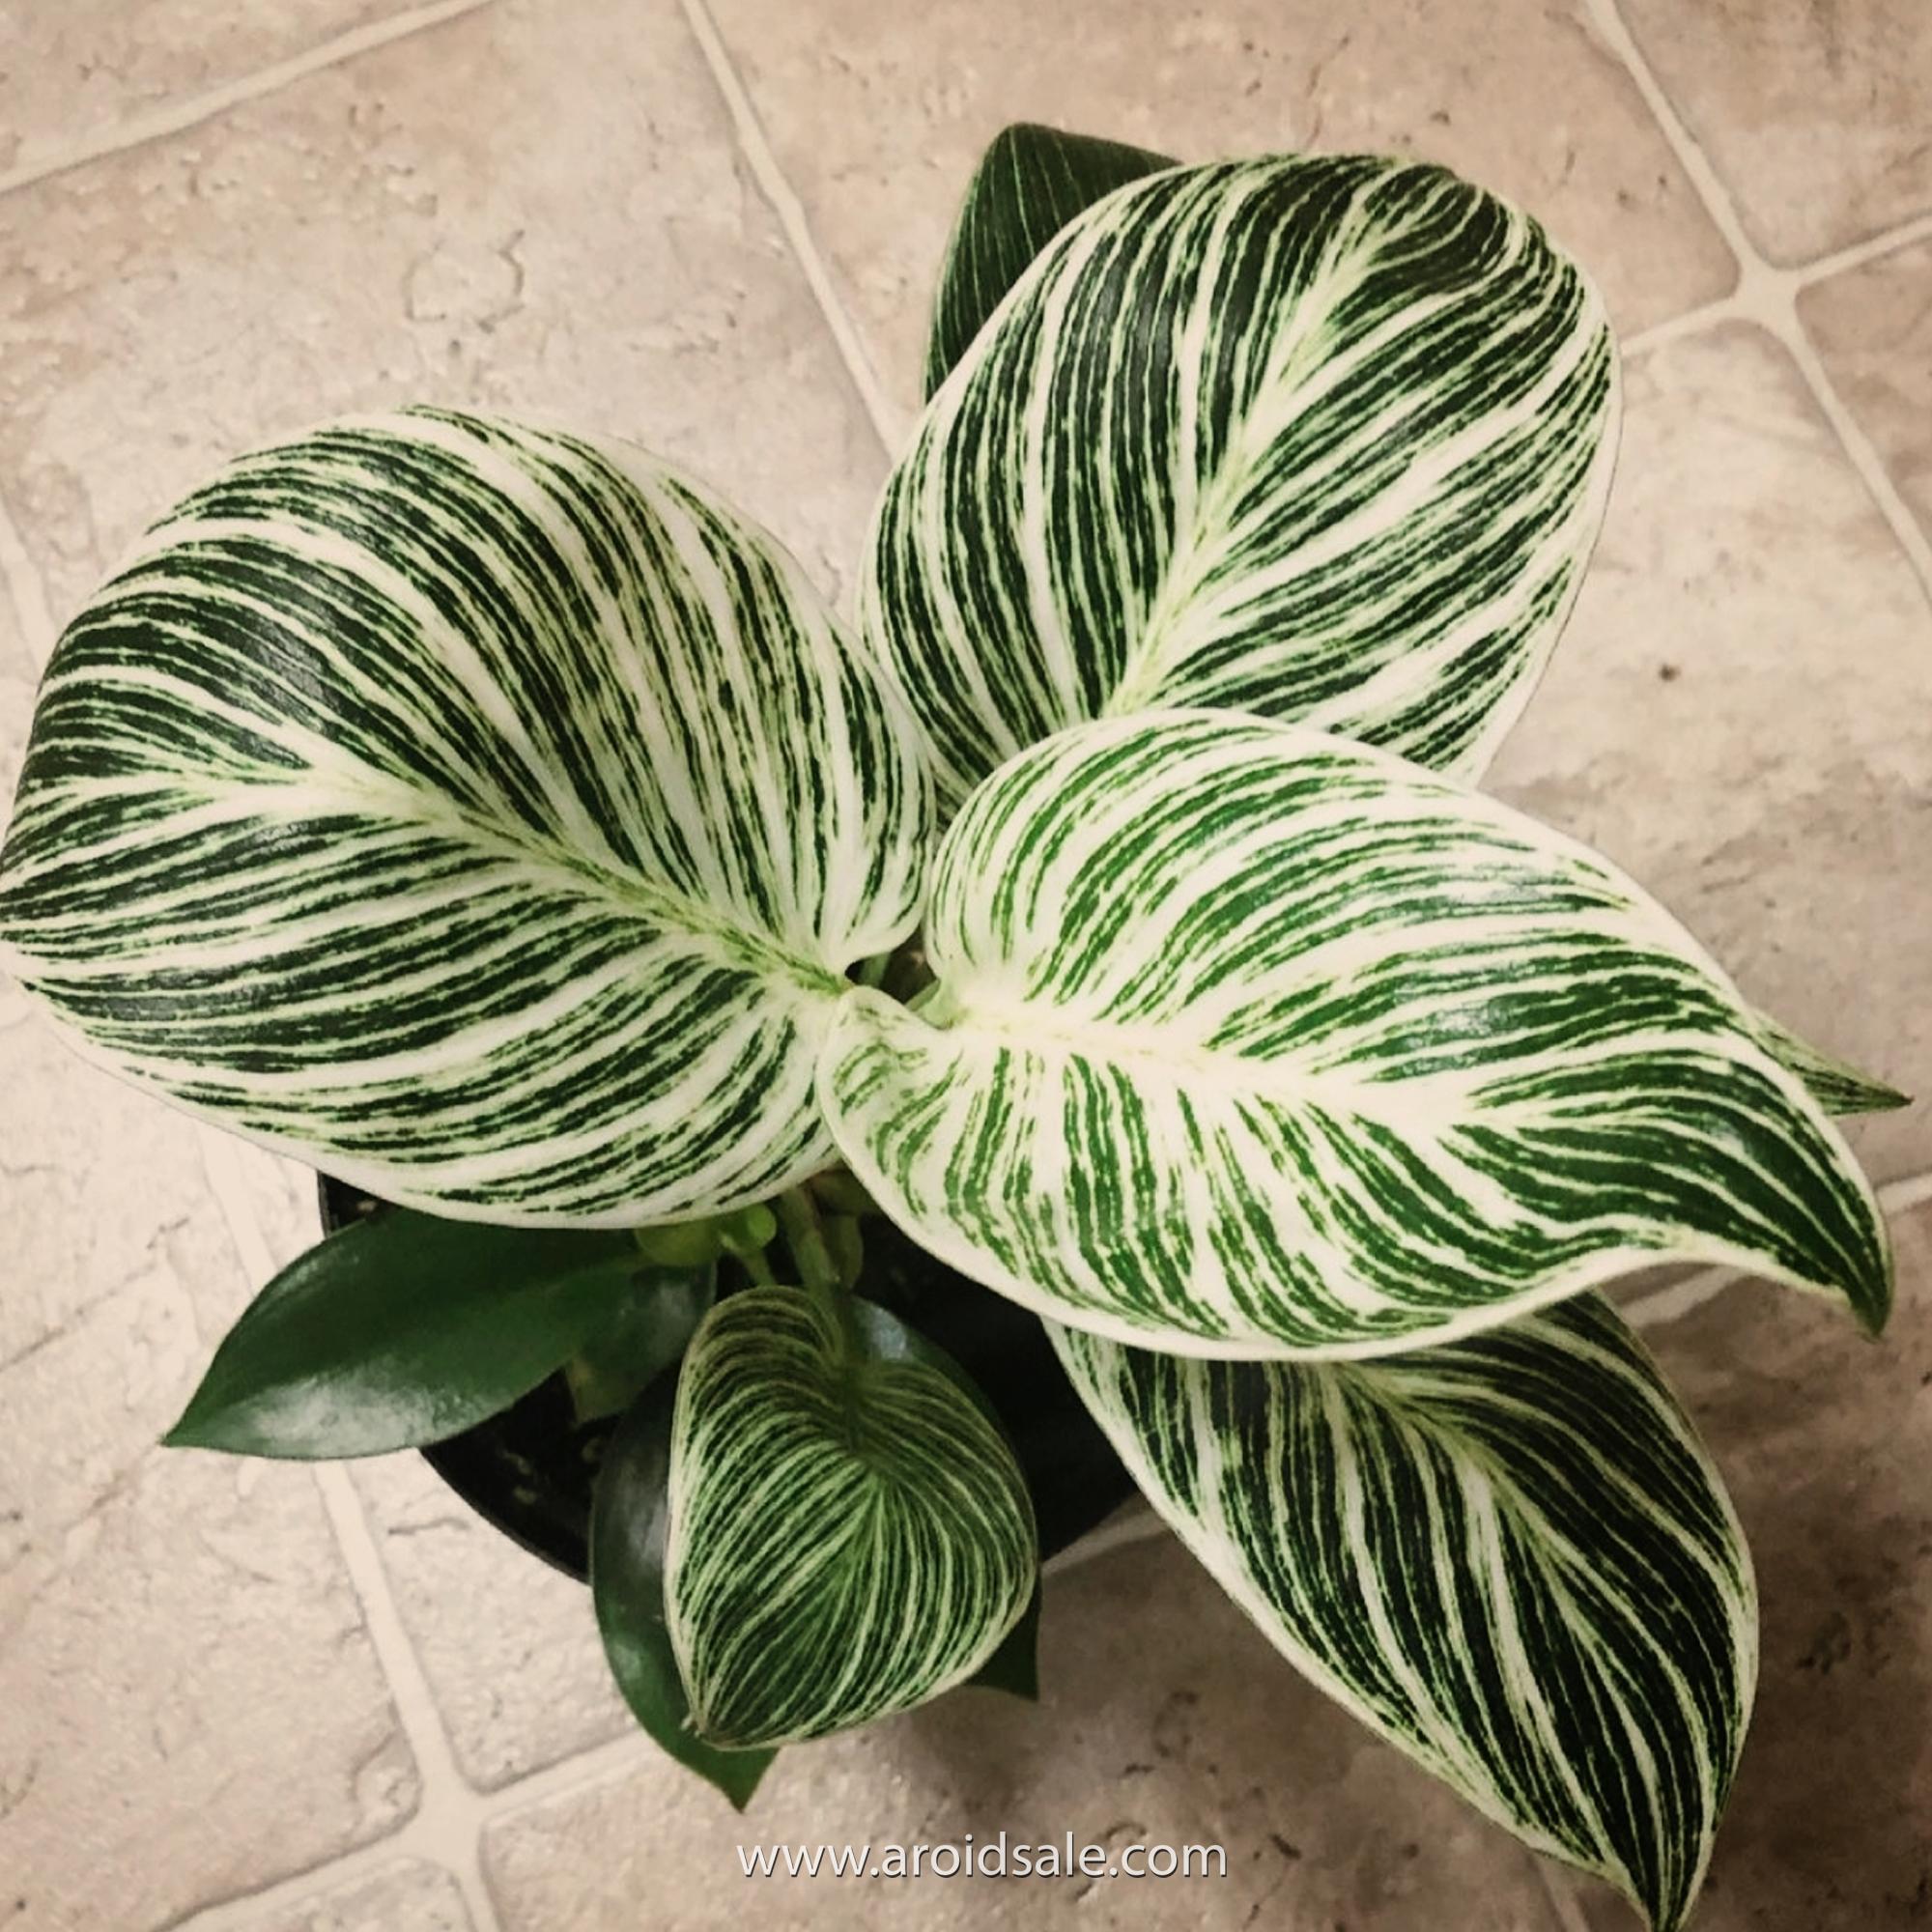 philodendron birkin, plants seller, plants shop, plants store, for sale, wholesale, plants supplier